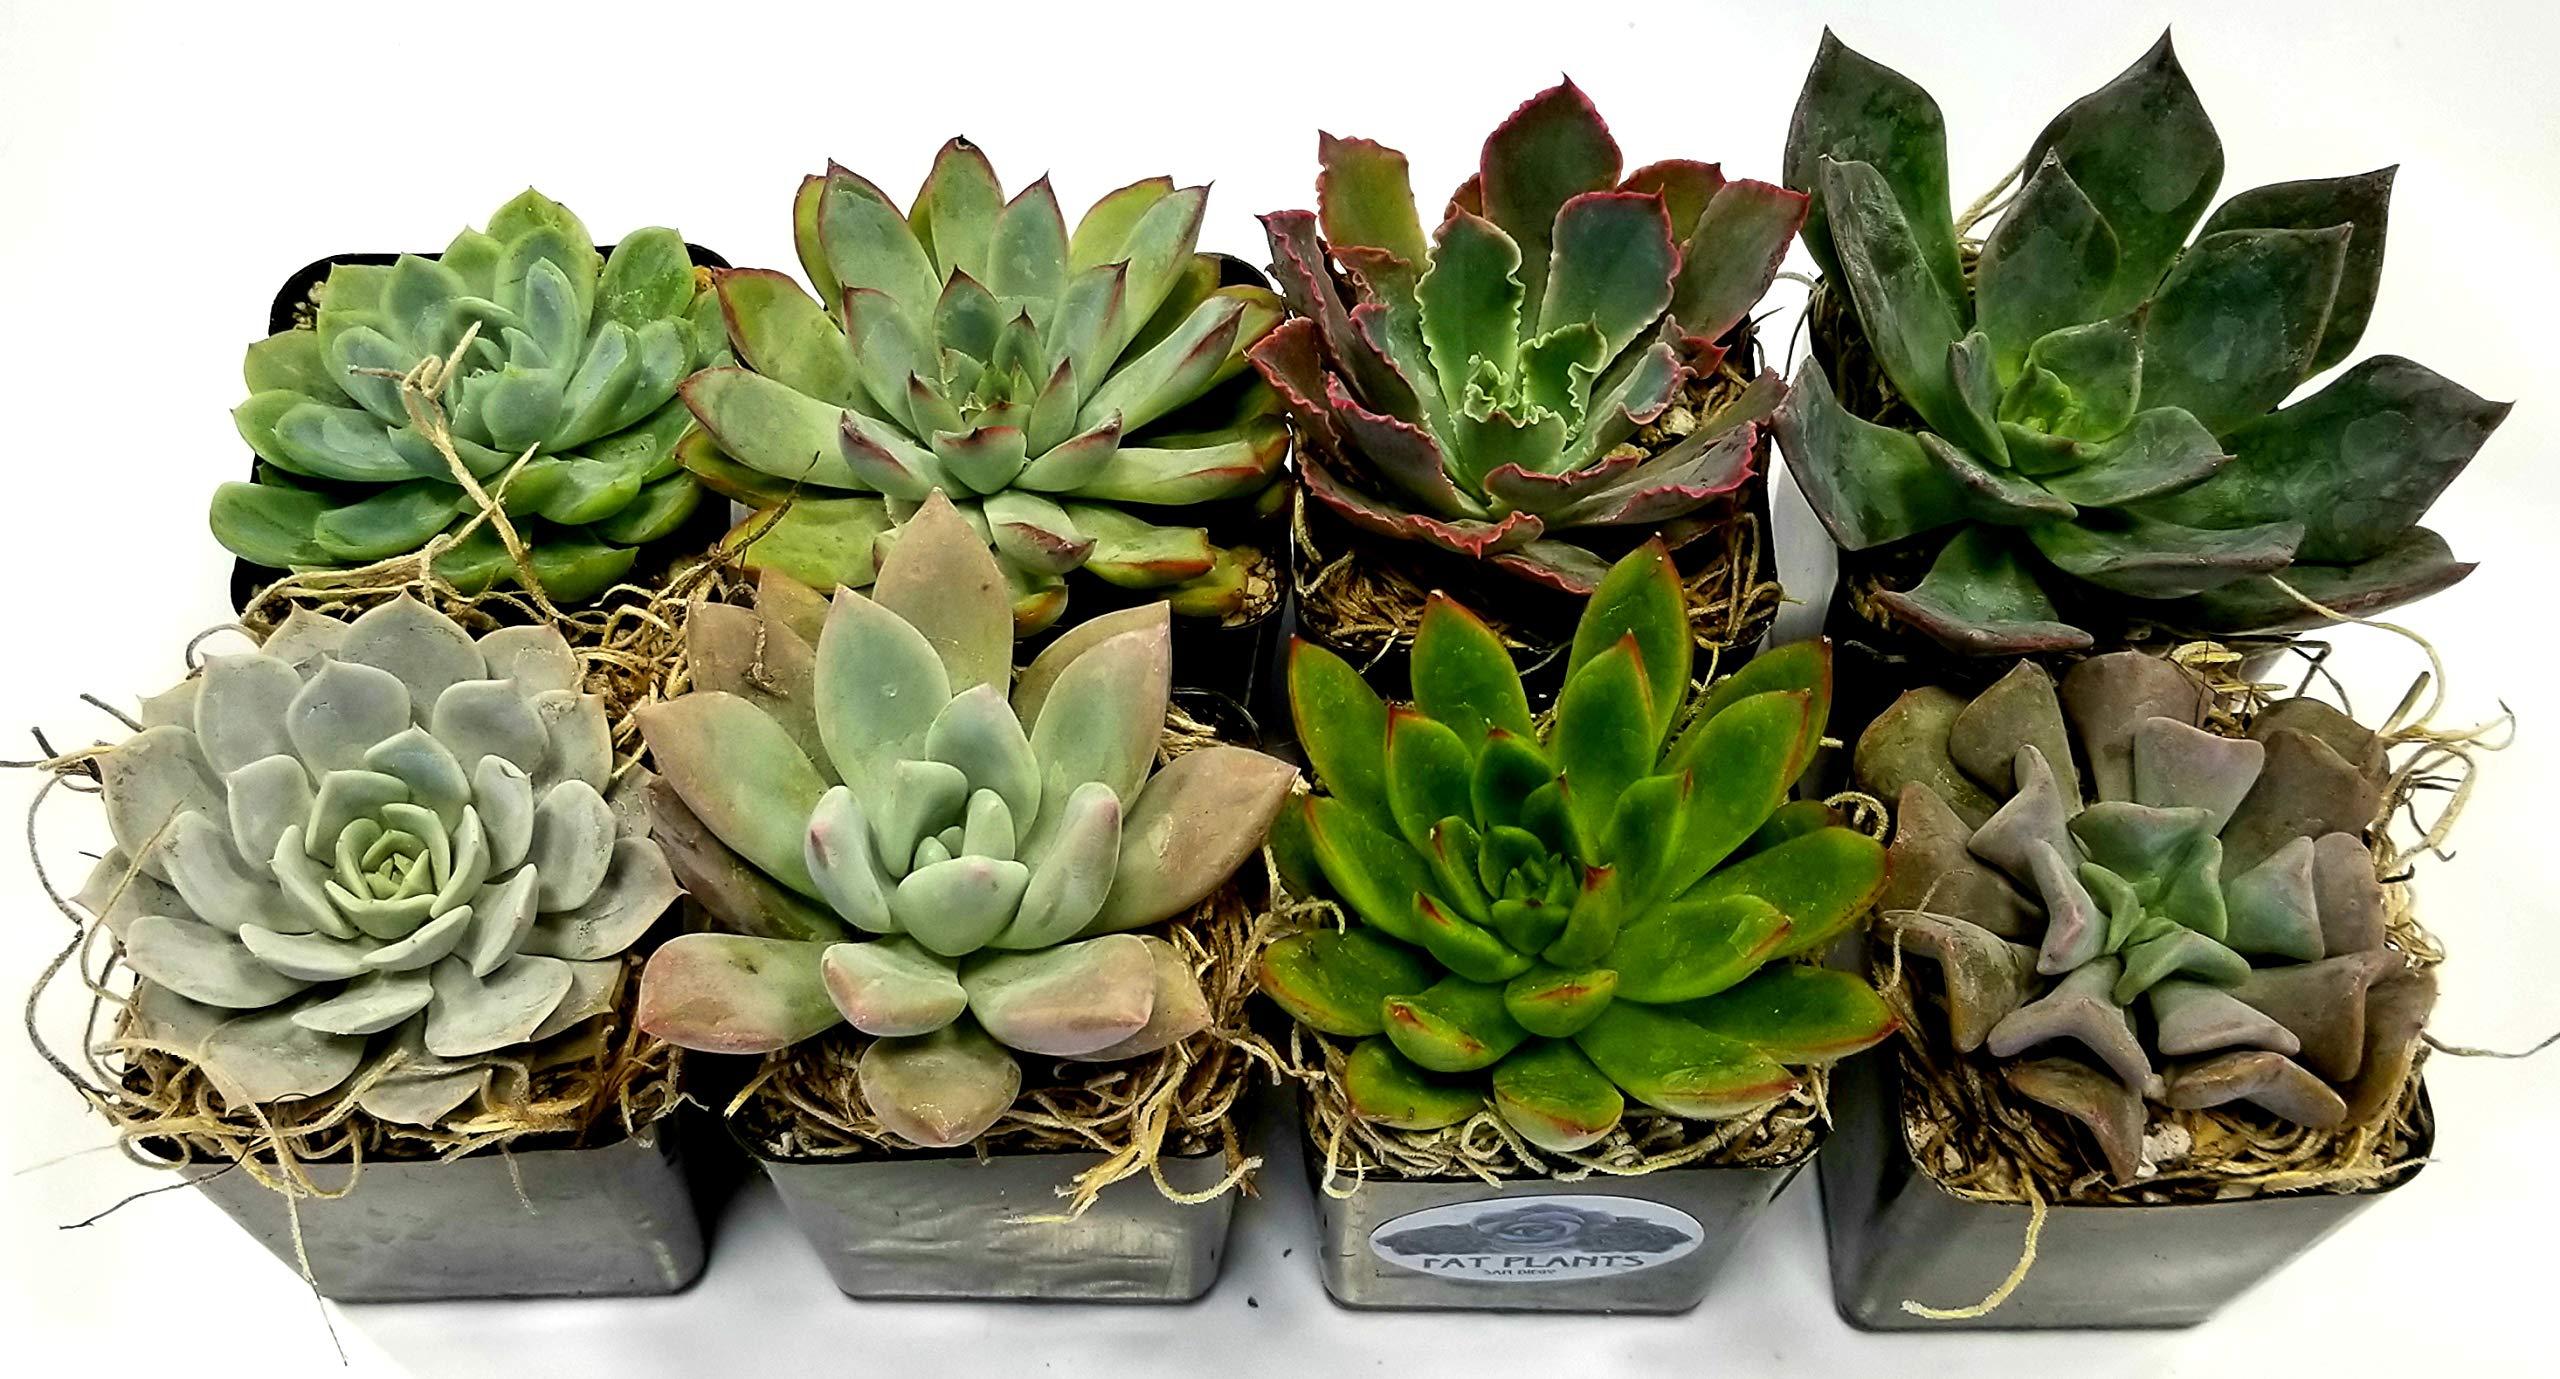 Fat Plants San Diego 2.5 Inch Wedding Rosette Succulent Plants (4) by Fat Plants San Diego (Image #2)